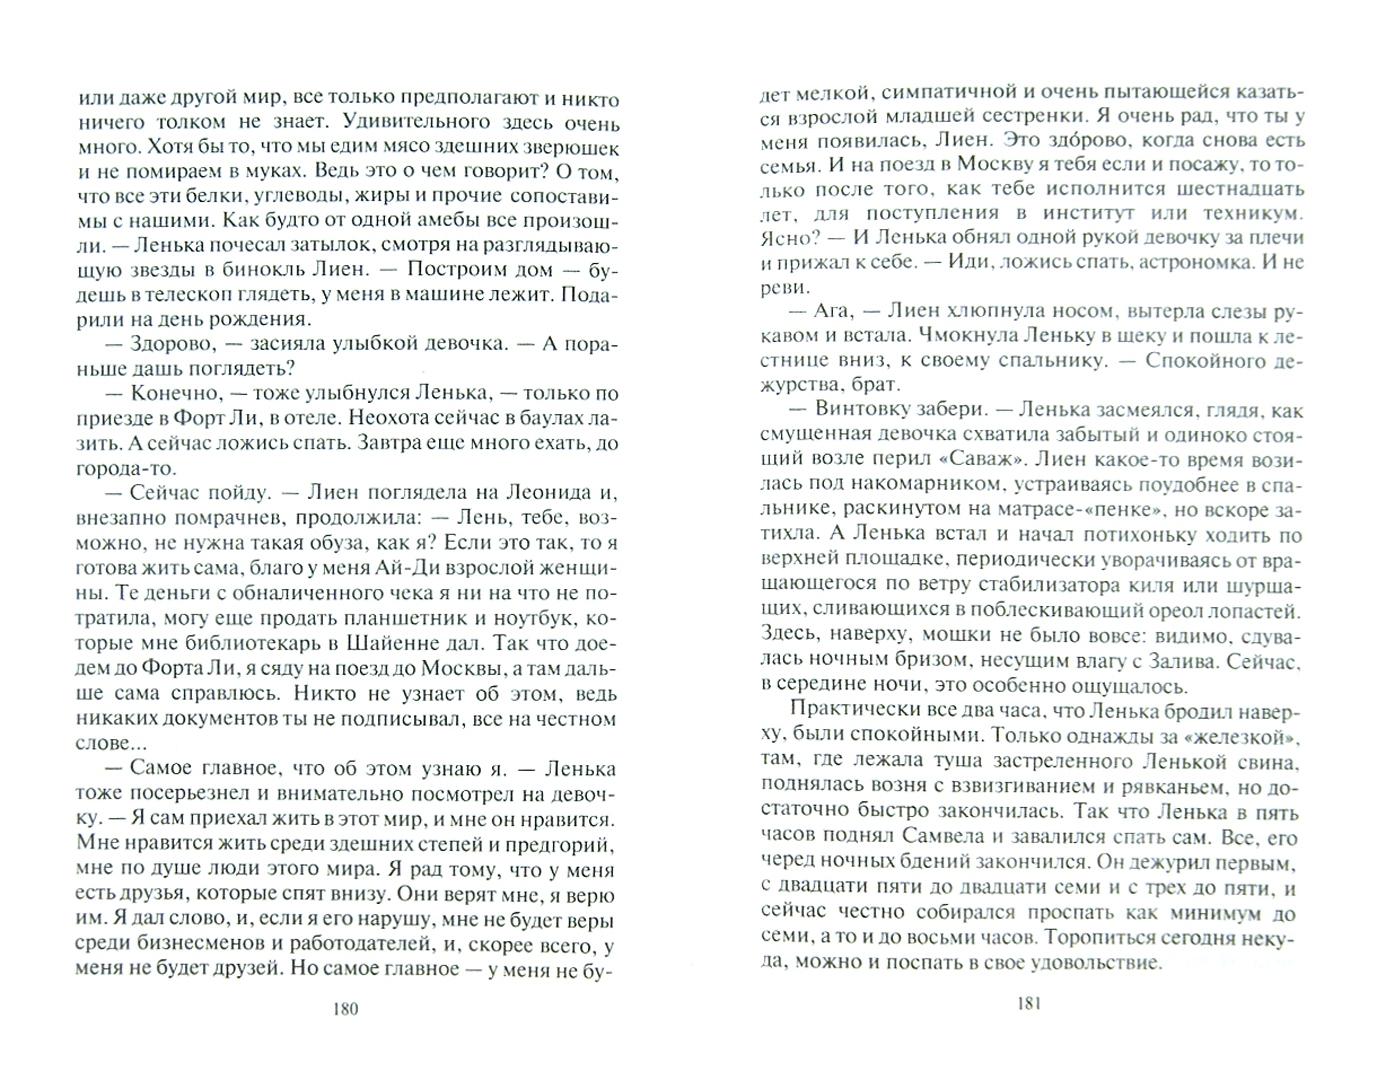 Иллюстрация 1 из 20 для Простые оружные парни - Владимир Стрельников | Лабиринт - книги. Источник: Лабиринт